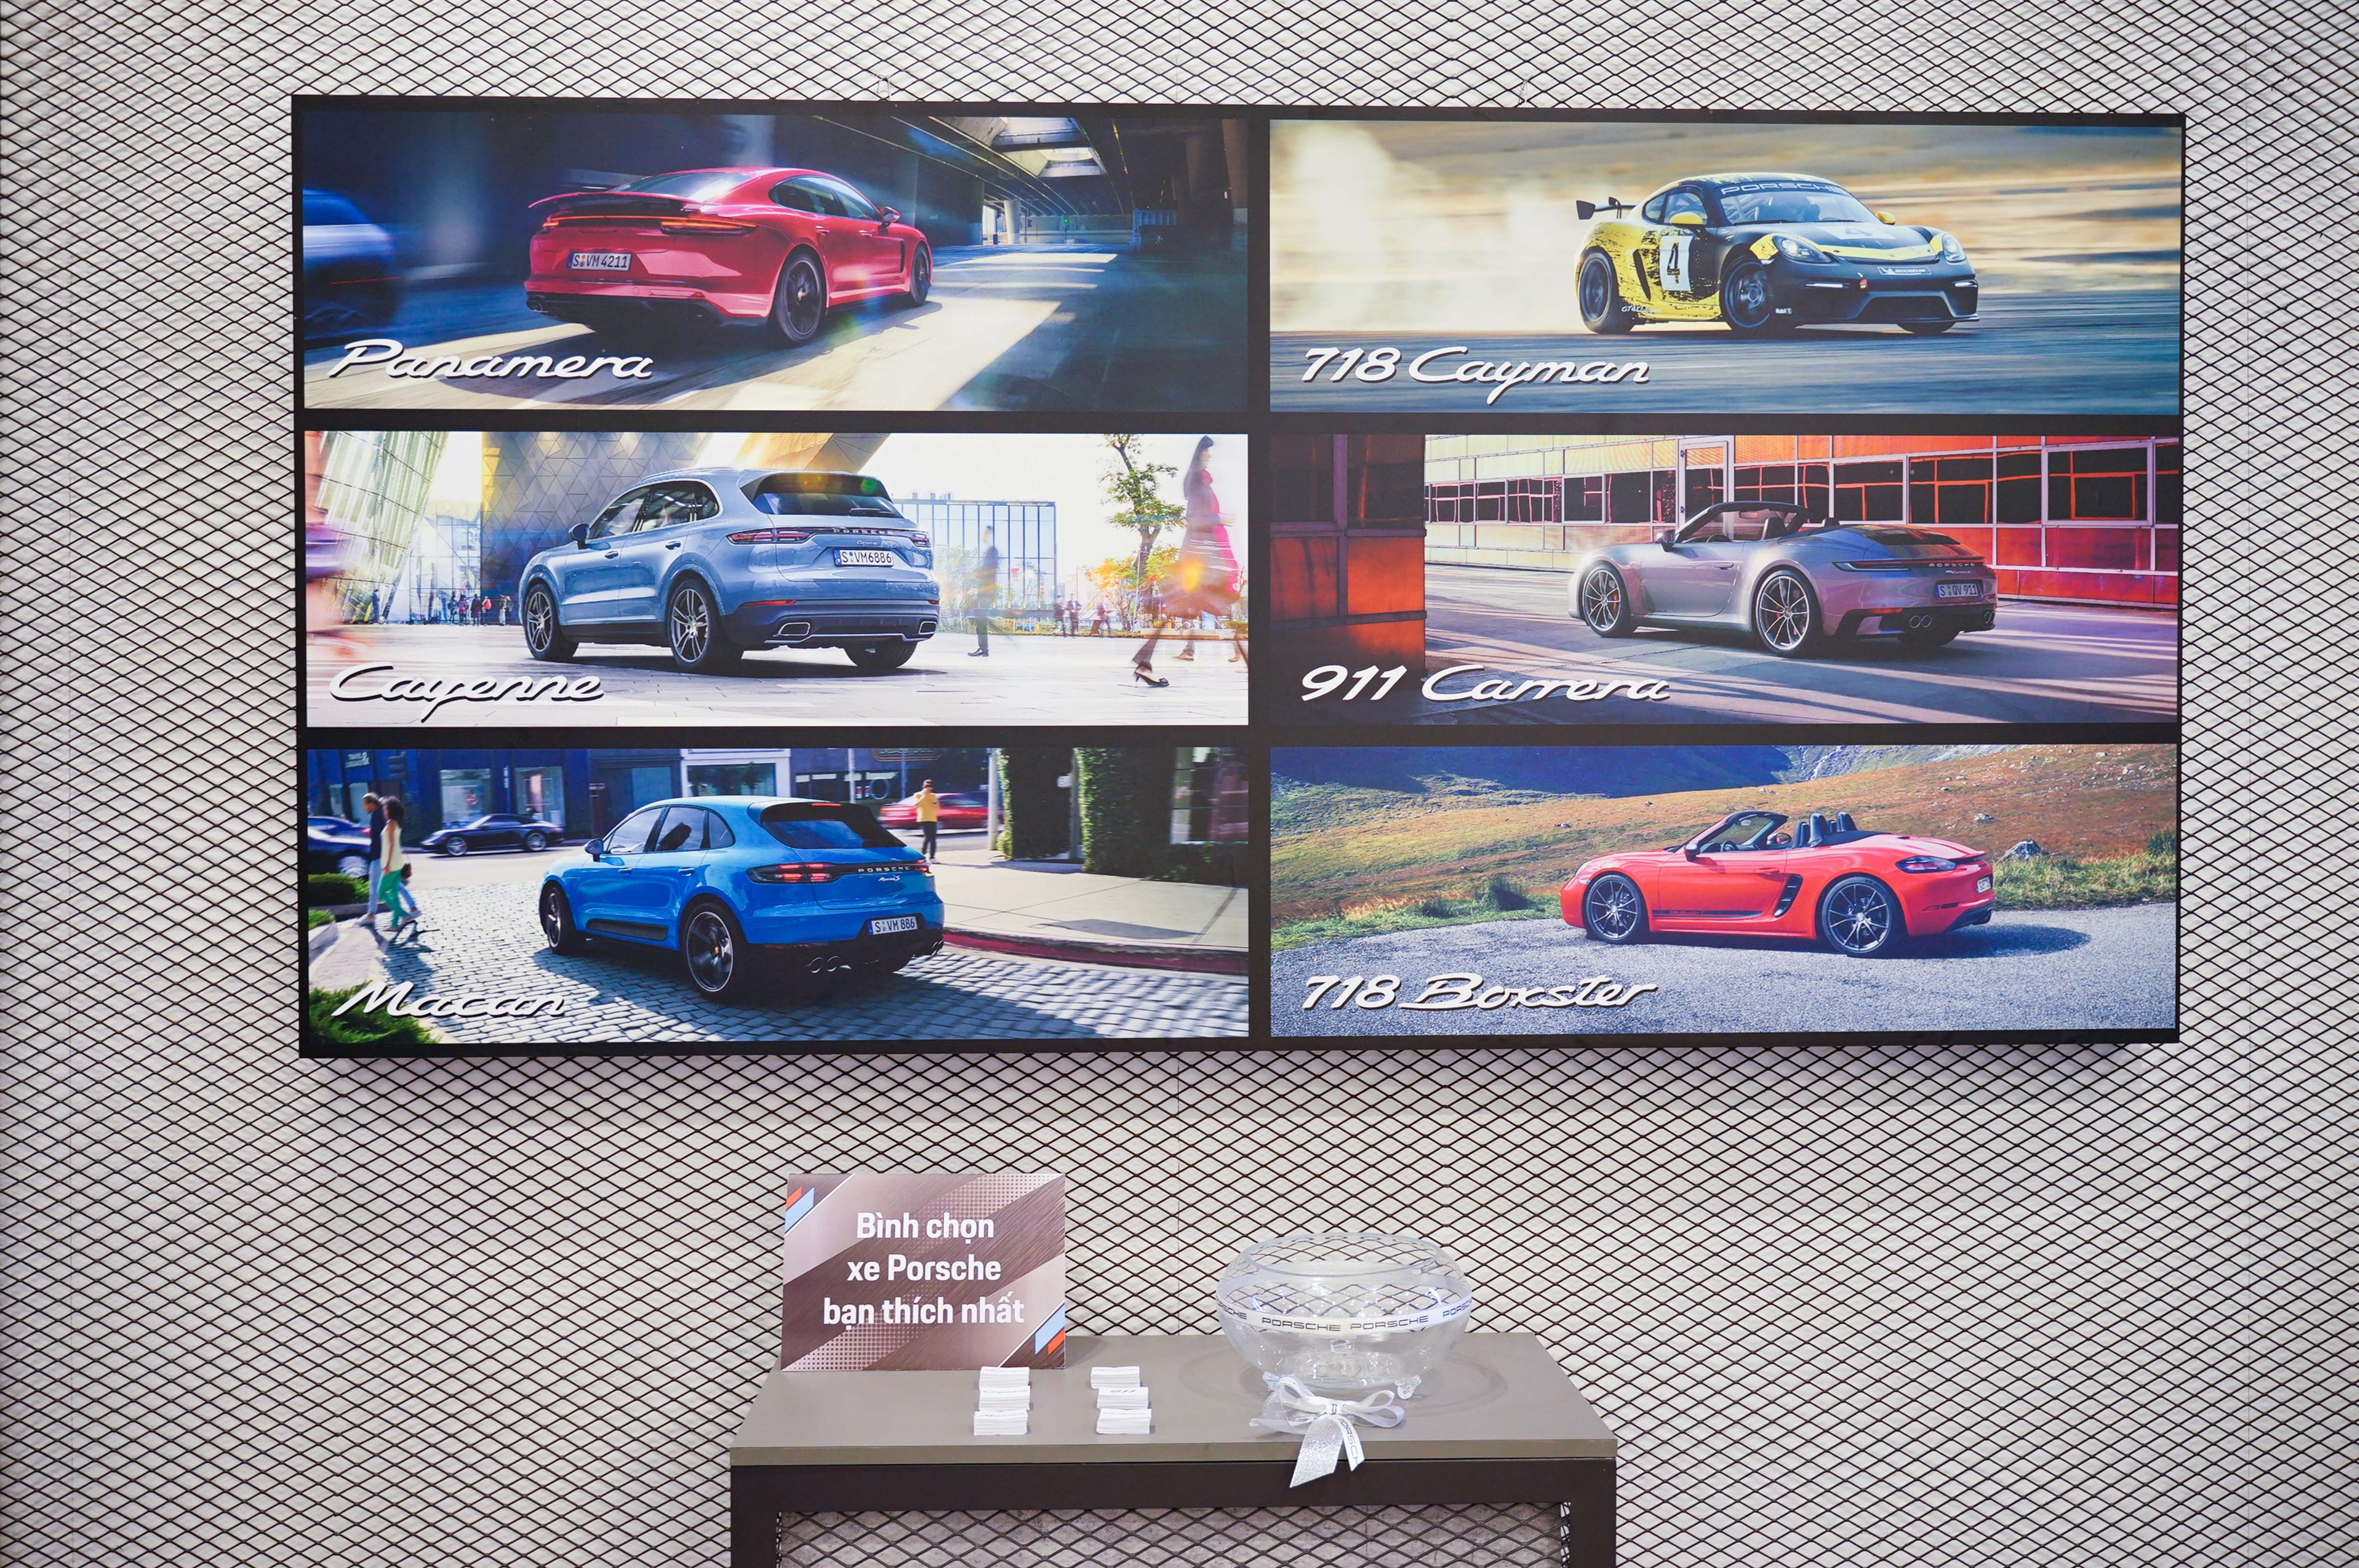 sự kiện Porsche Media Night 2019 của Porsche Việt Nam 7